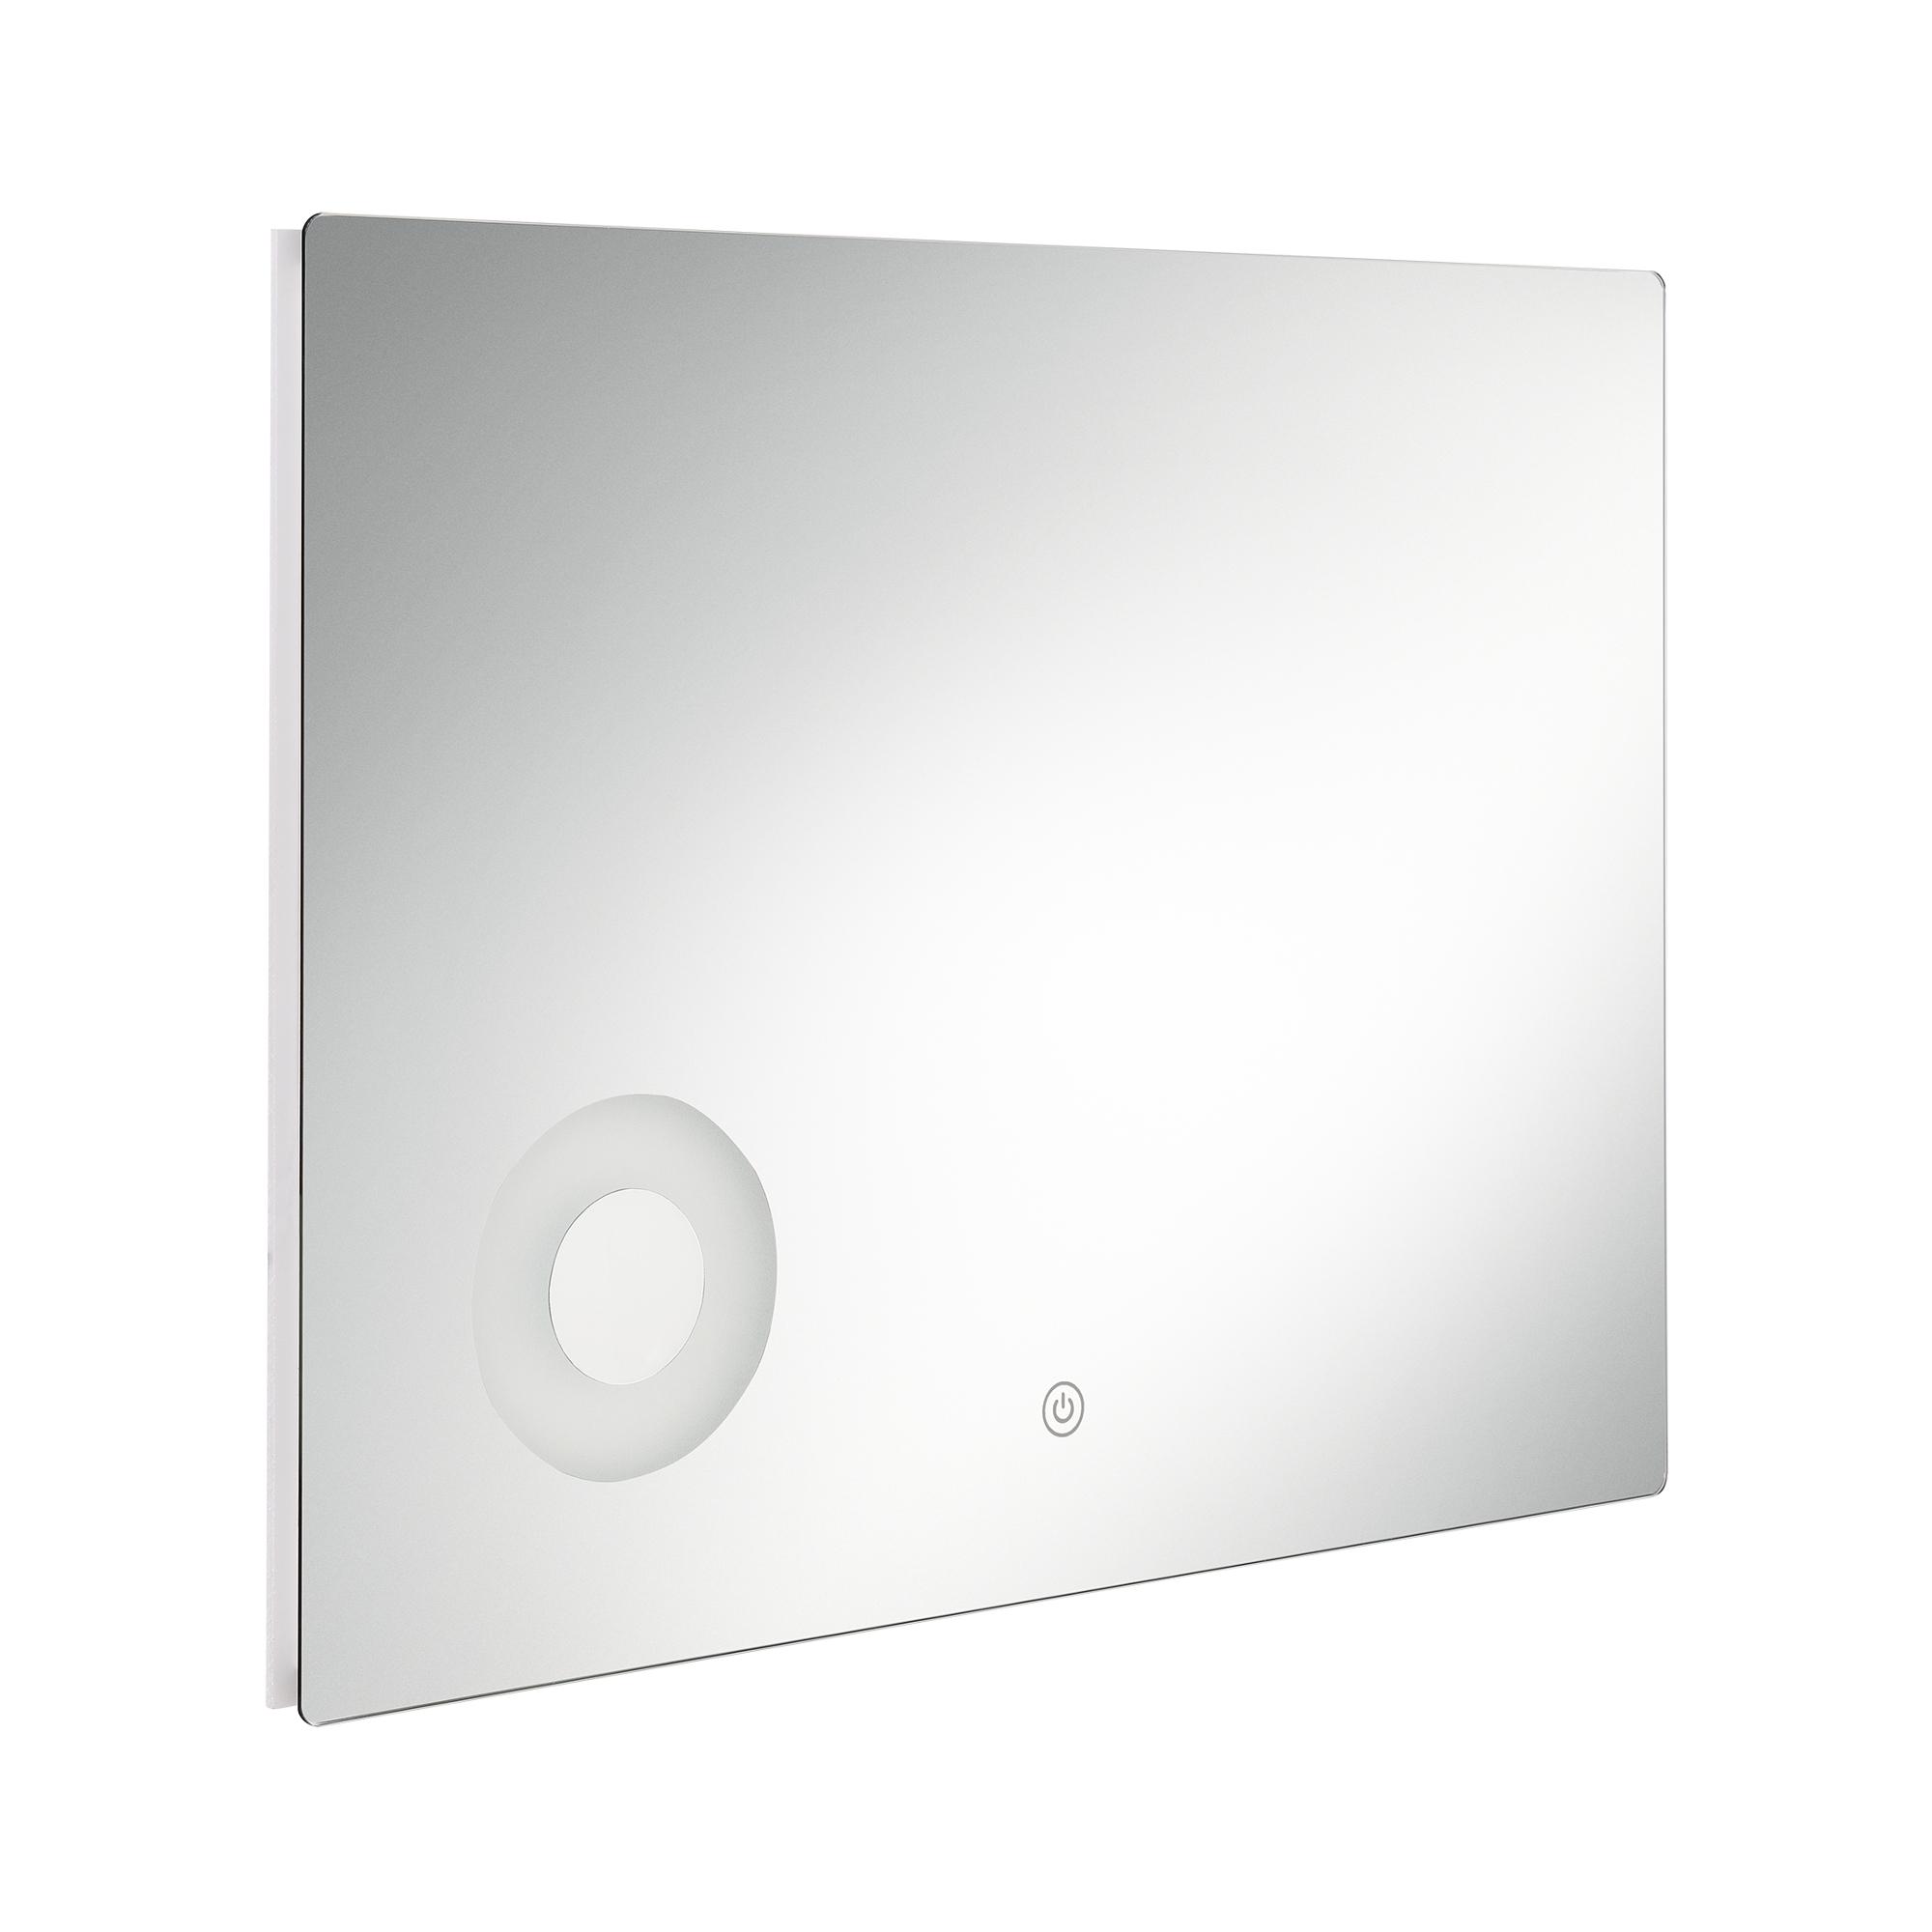 neuhaus led miroir de la salle bain mural cosm tique 60. Black Bedroom Furniture Sets. Home Design Ideas